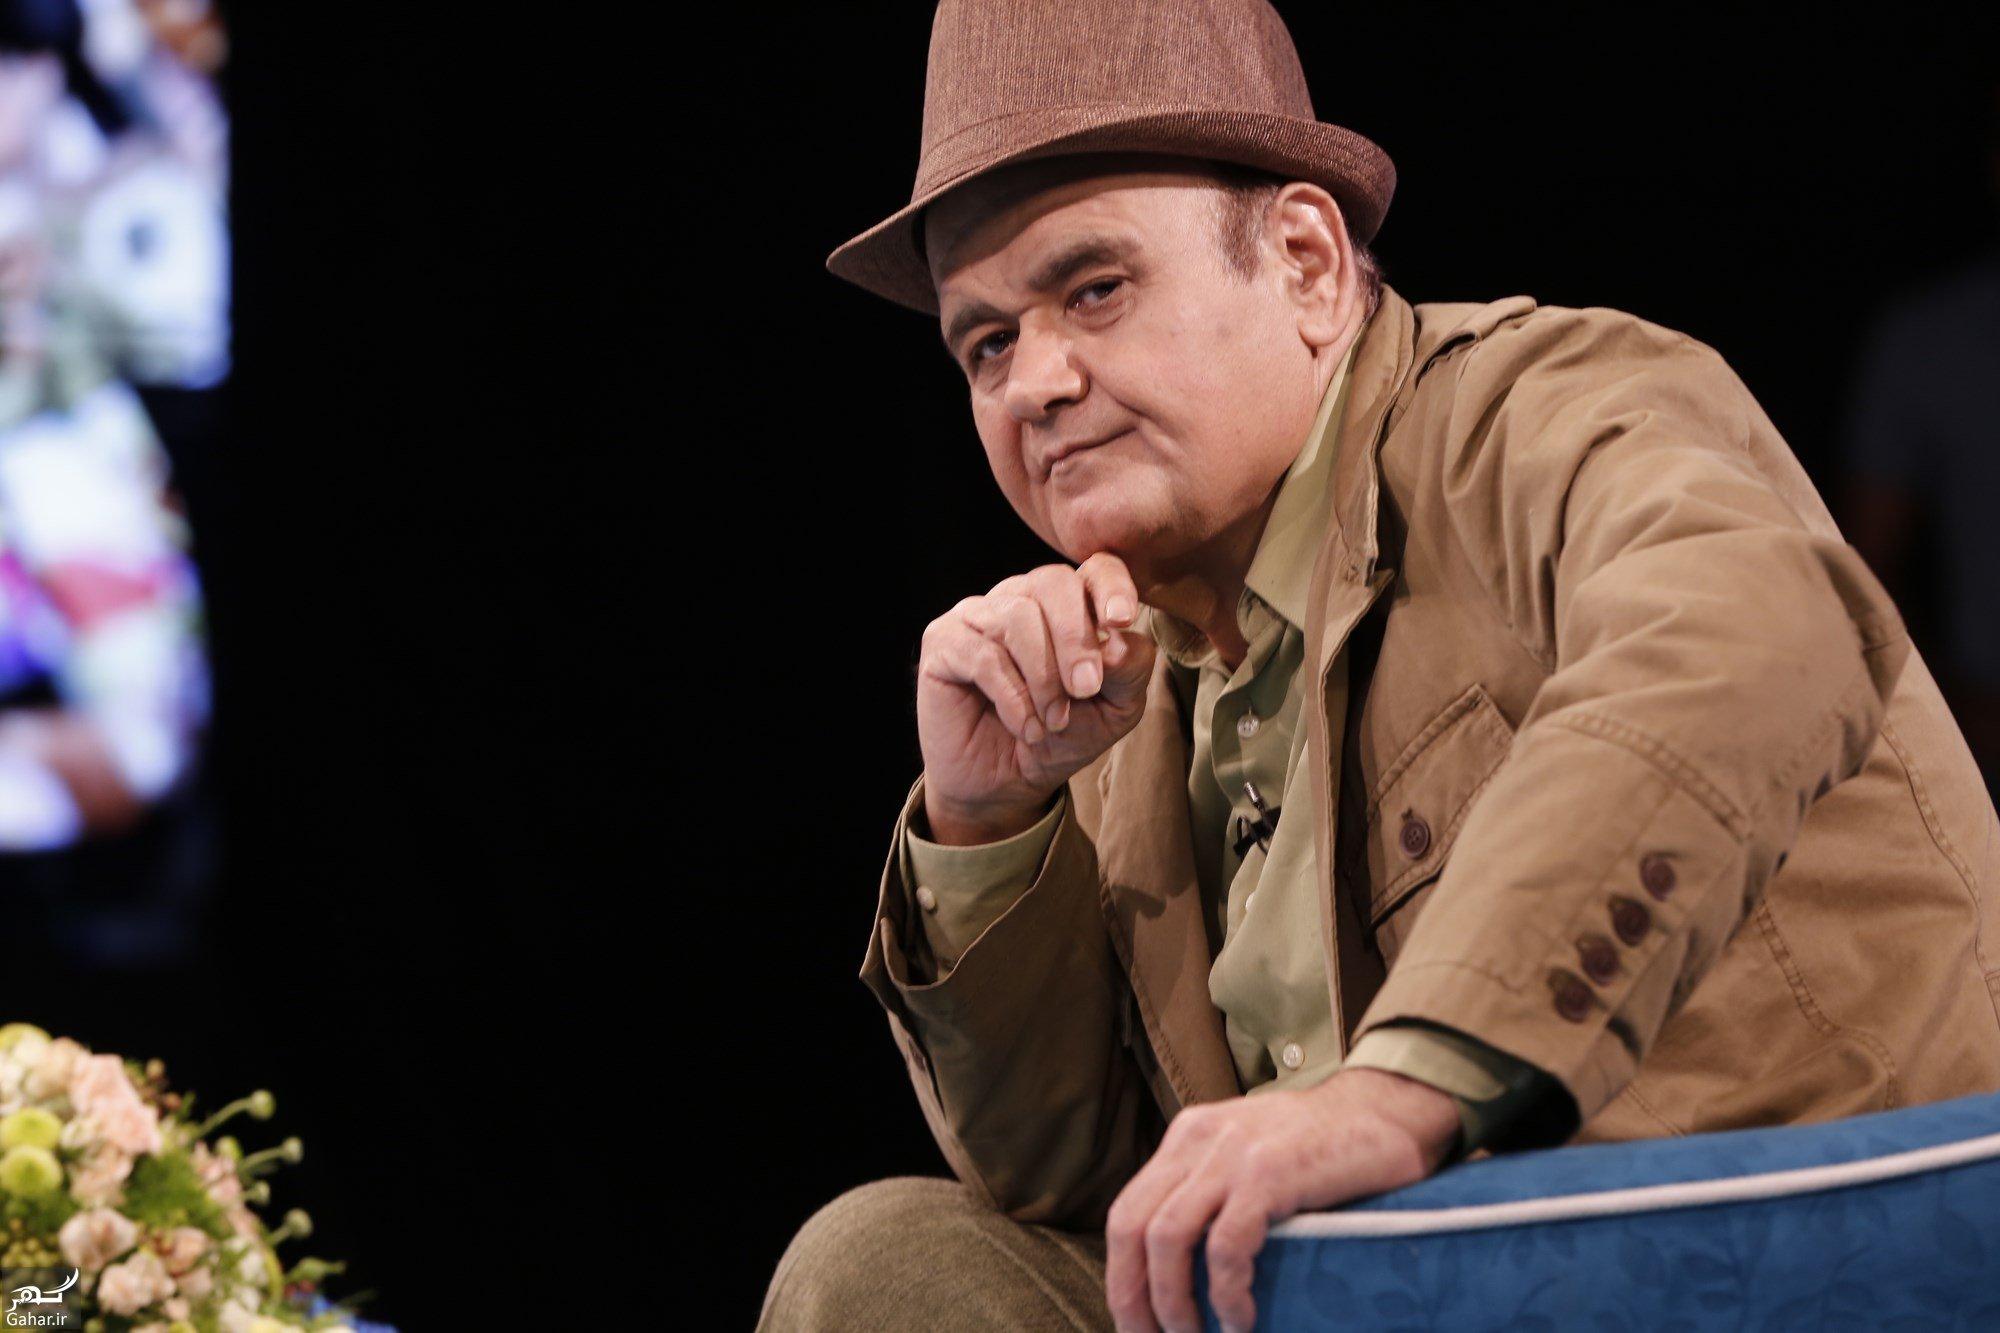 بیوگرافی اکبر عبدی زندگینامه و بیوگرافی اکبر عبدی